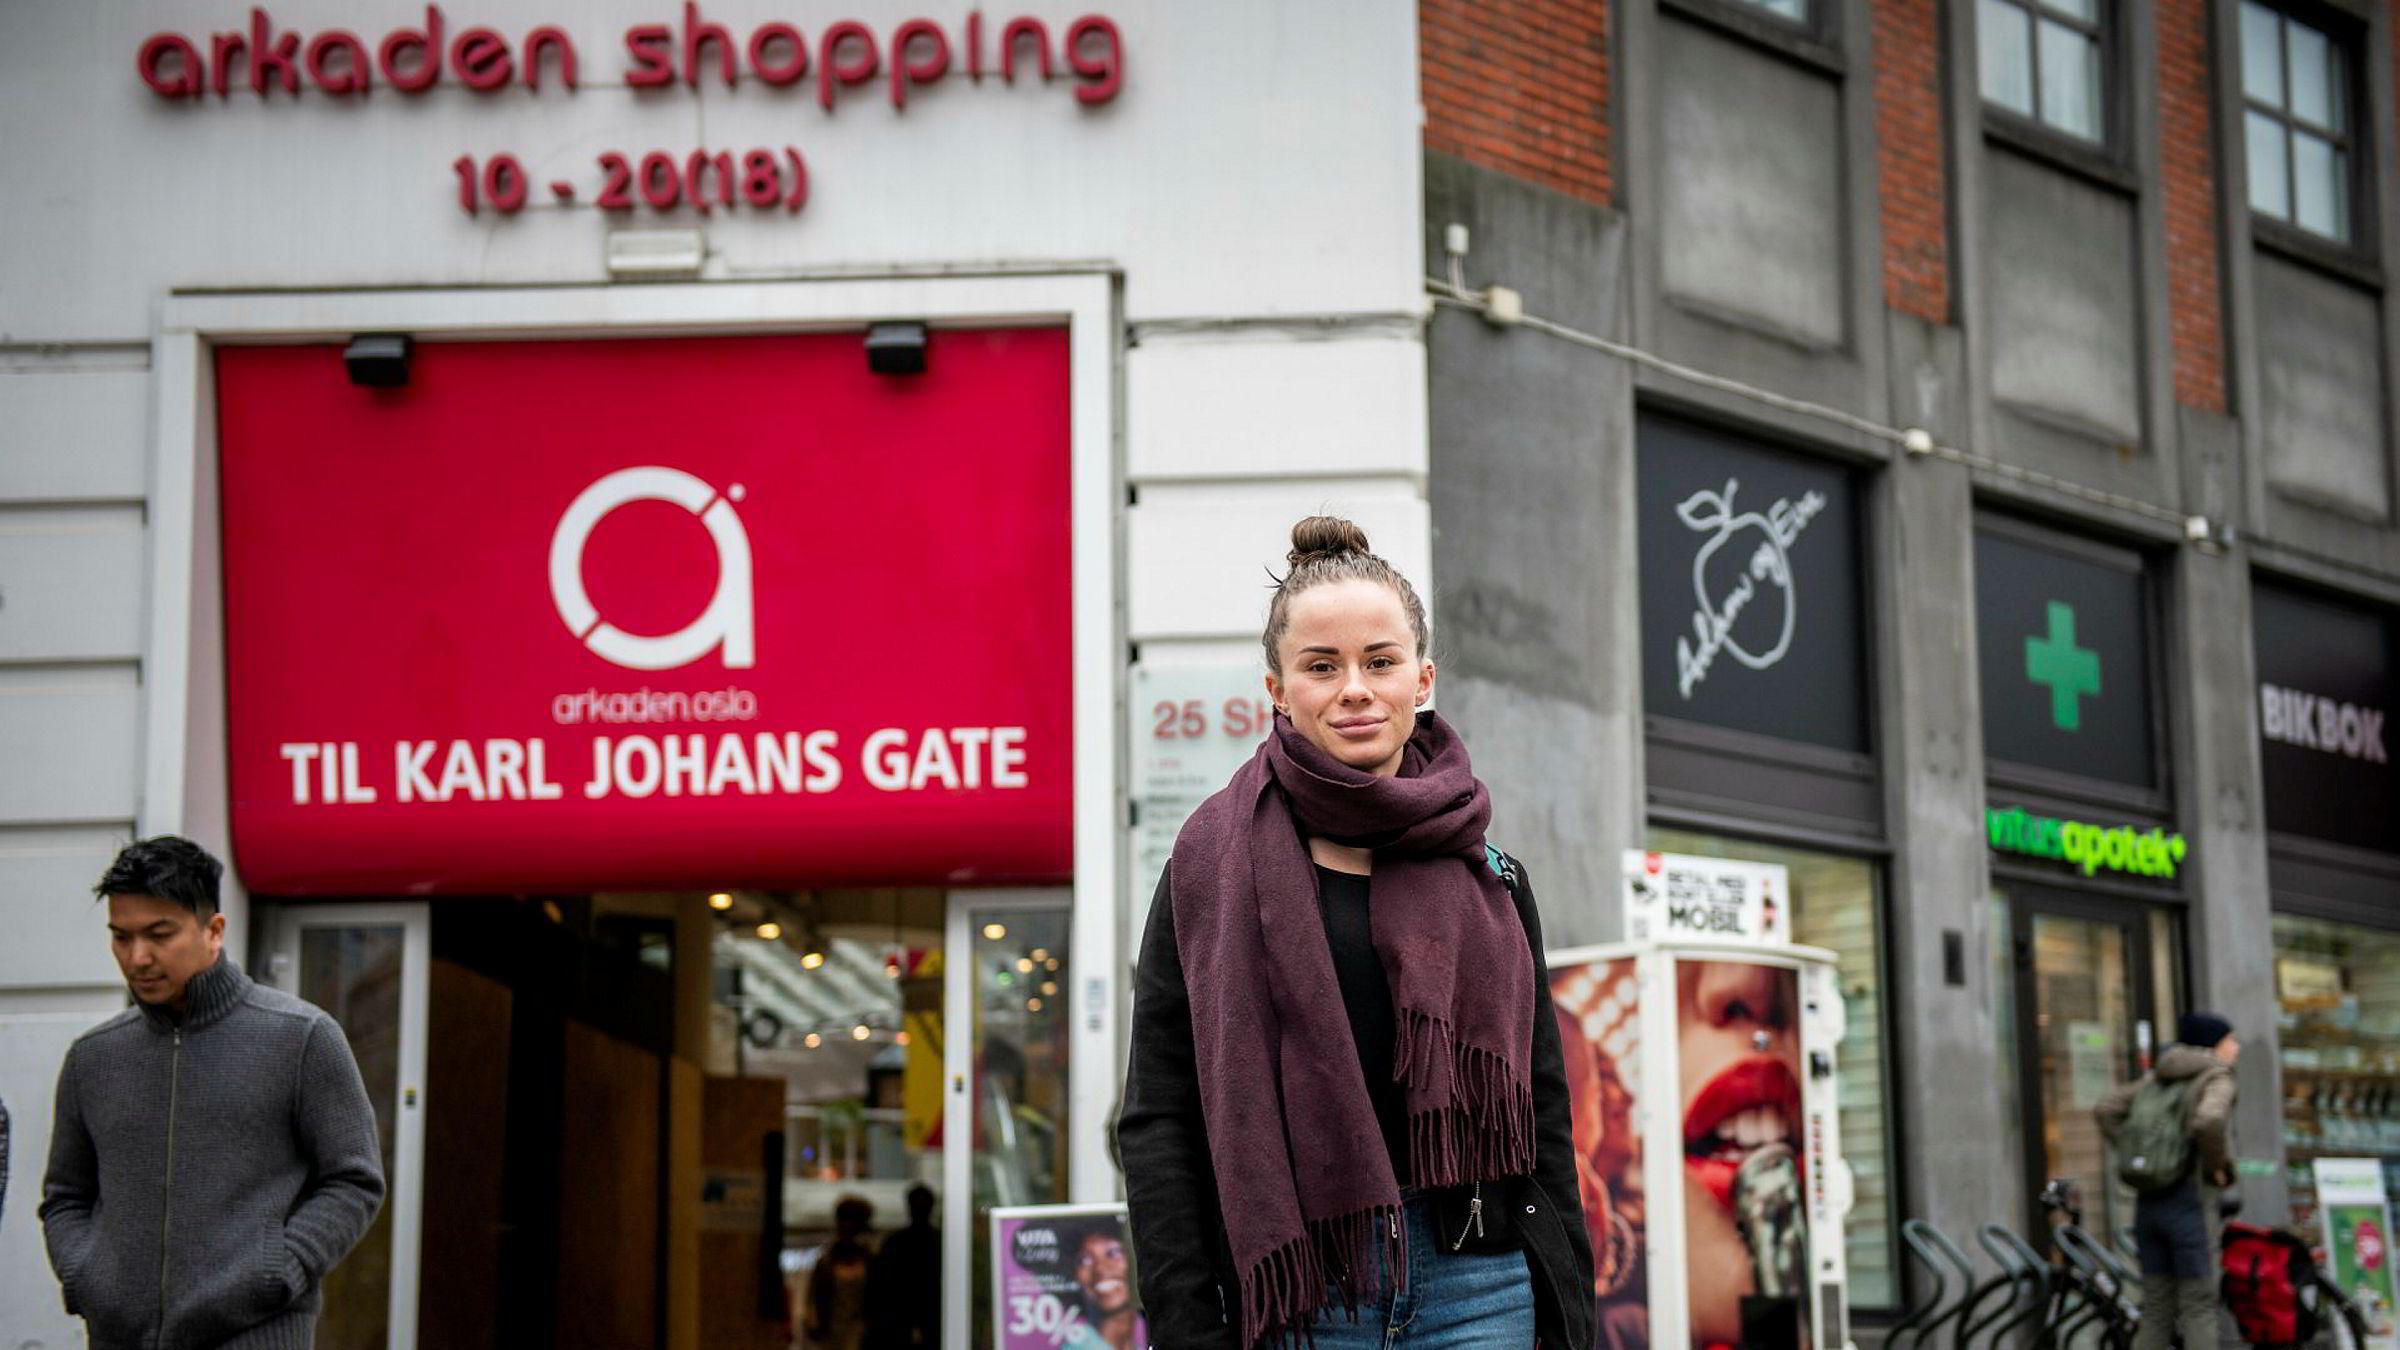 En ny gruppe millenials setter nå sitt preg på norsk handel. Linda Furulund (22) jobber selv i skobutikk og merker hvilke krav og forventninger den nye generasjonen kunder har. Her er hun utenfor Arkaden shopping som er kjent for å ha en ung målgruppe.